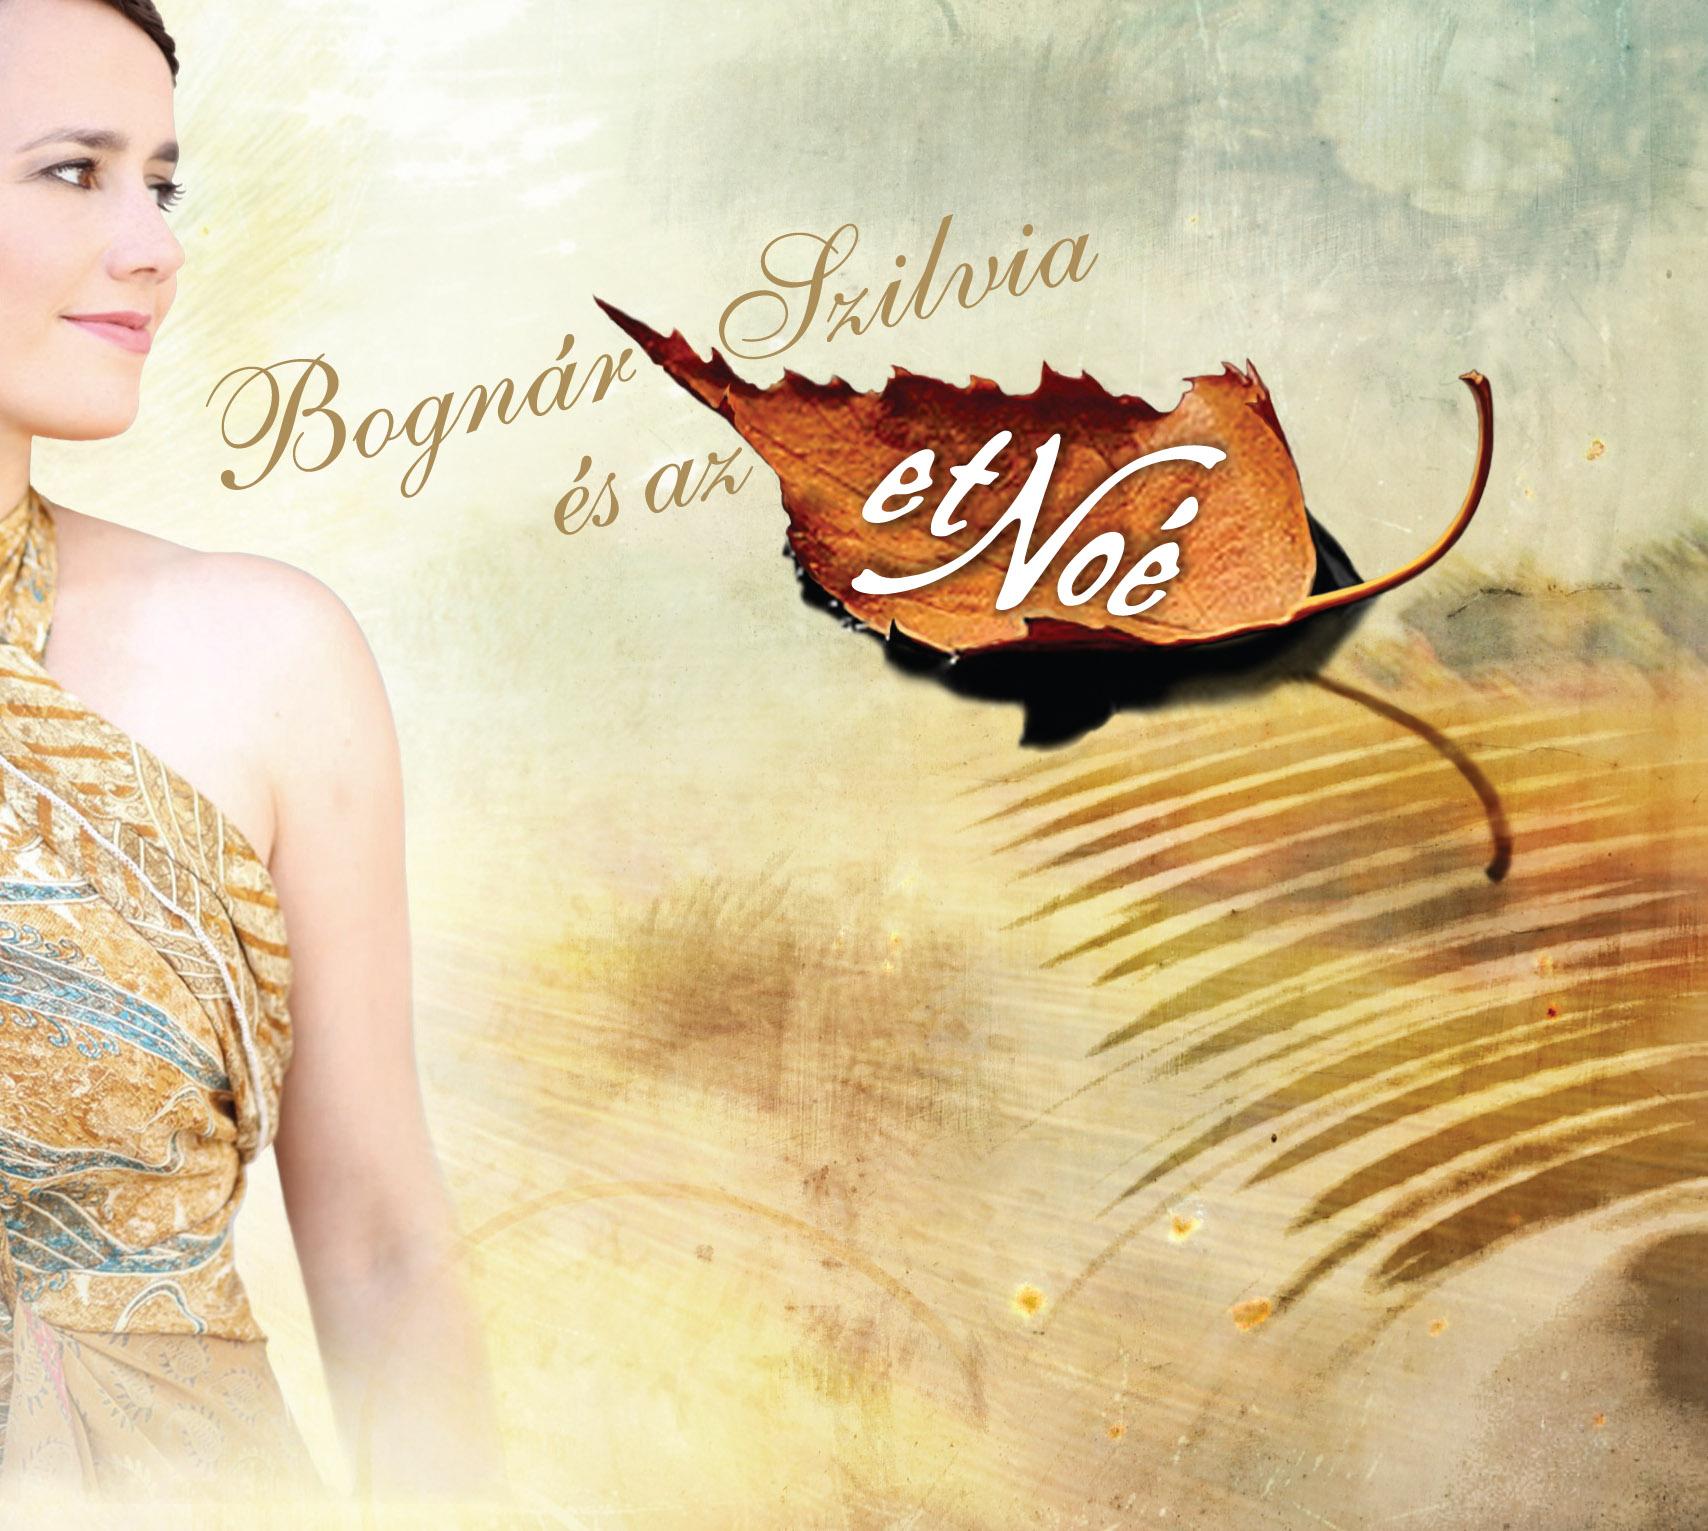 Bognár Szilvia és az etNoé – 2013